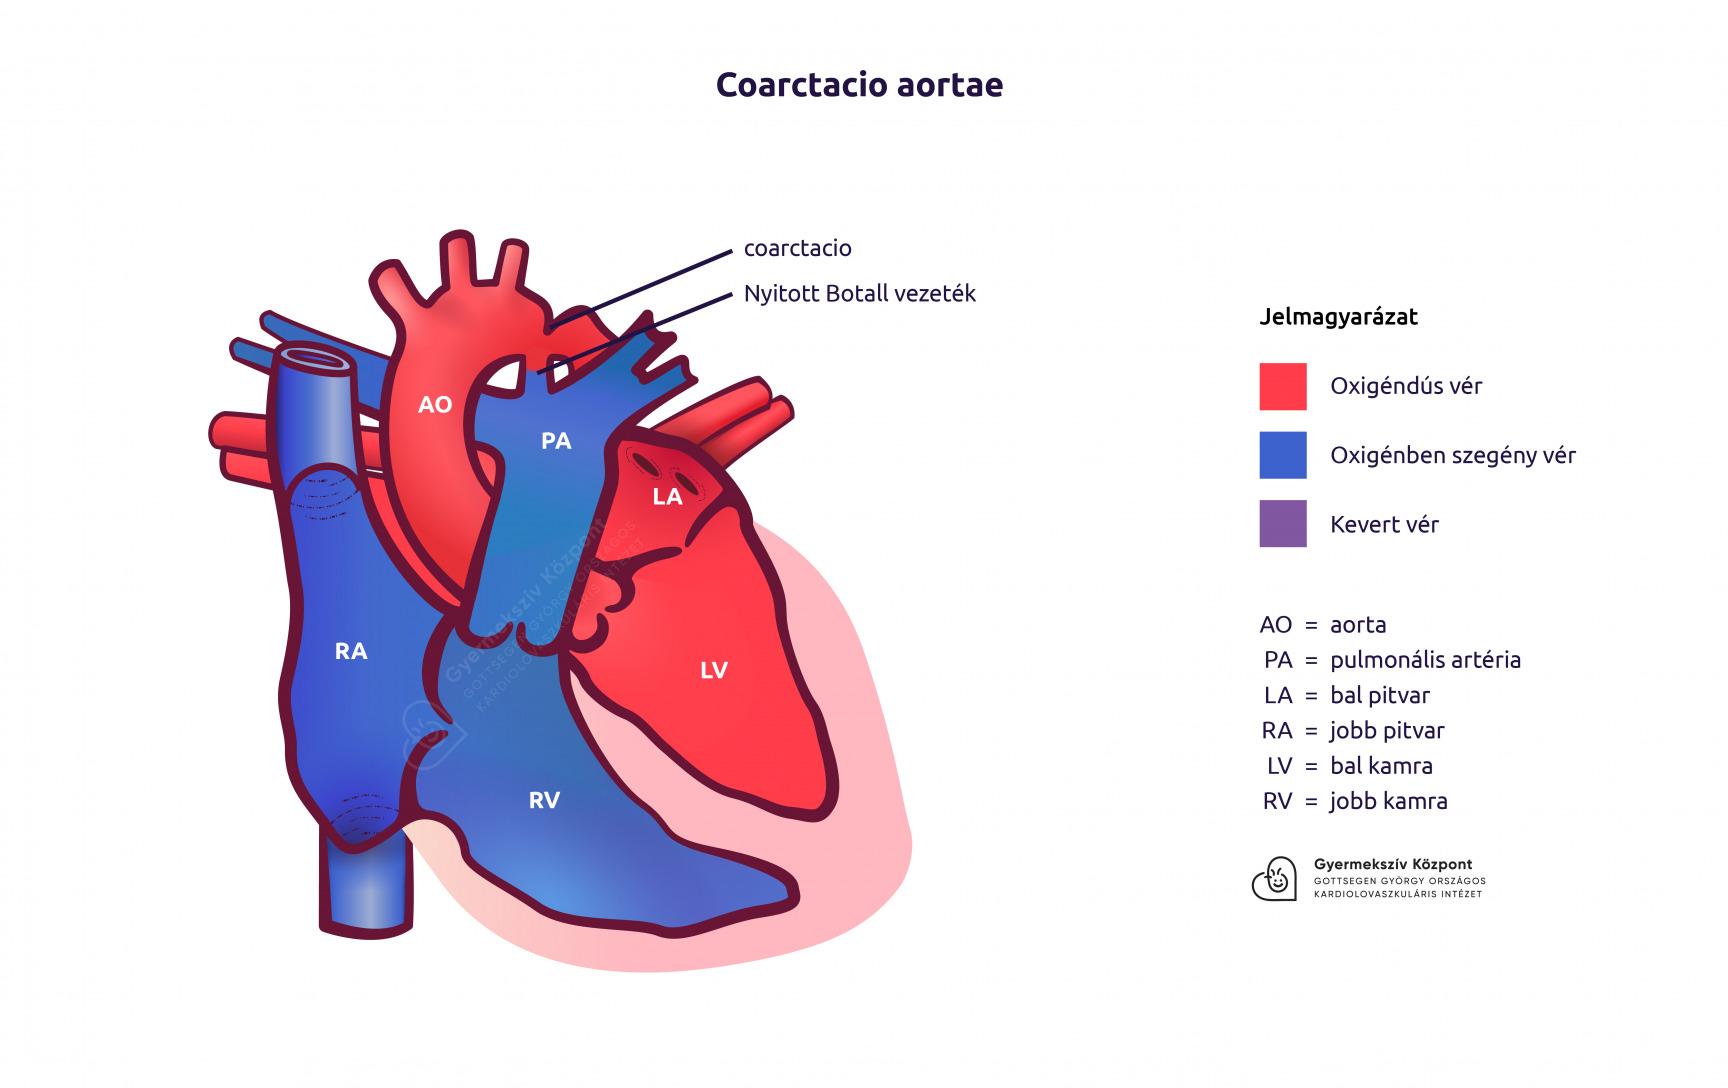 a magas vérnyomás aorta kezelésének koarktációja)